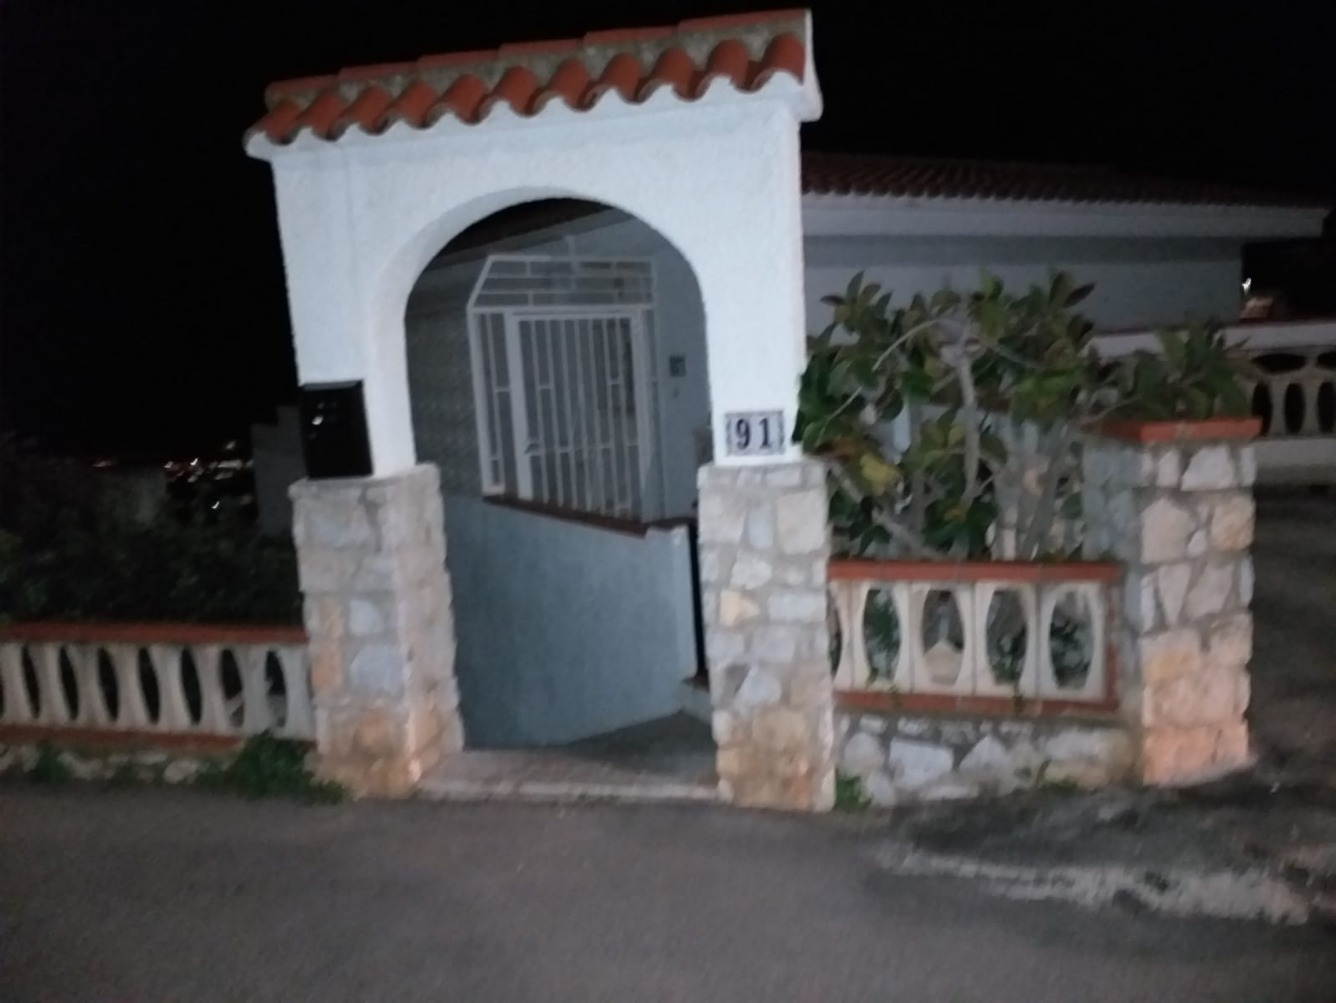 Rental Flat  Peñíscola / peníscola - las atalayas - urmi - cerro de mar. Piso 2 habitaciones en peñiscola